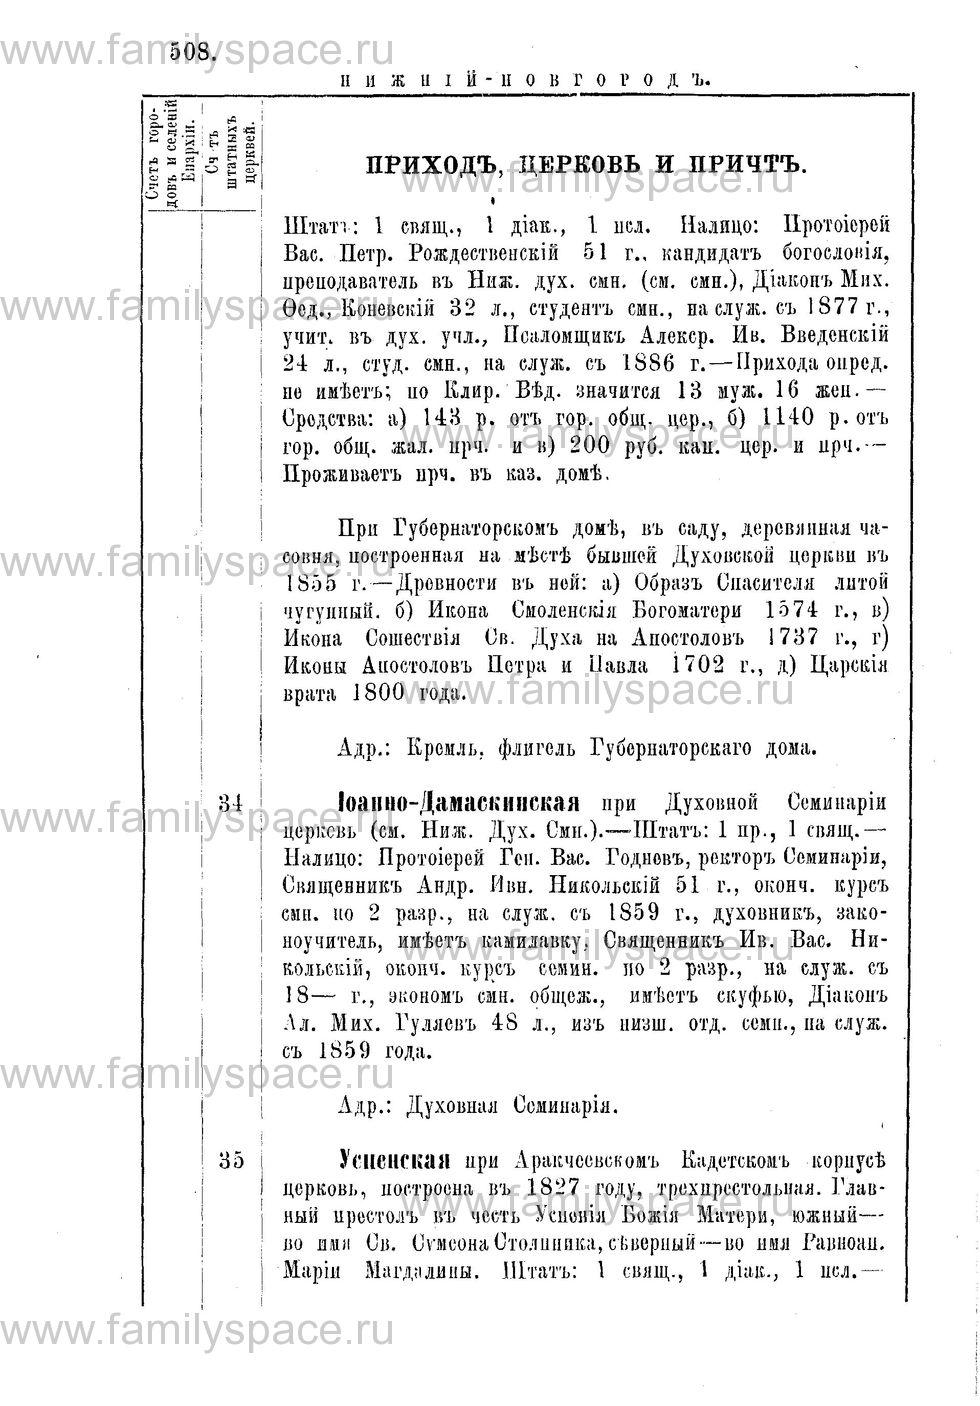 Поиск по фамилии - Адрес-календарь Нижегородской епархии на 1888 год, страница 1508